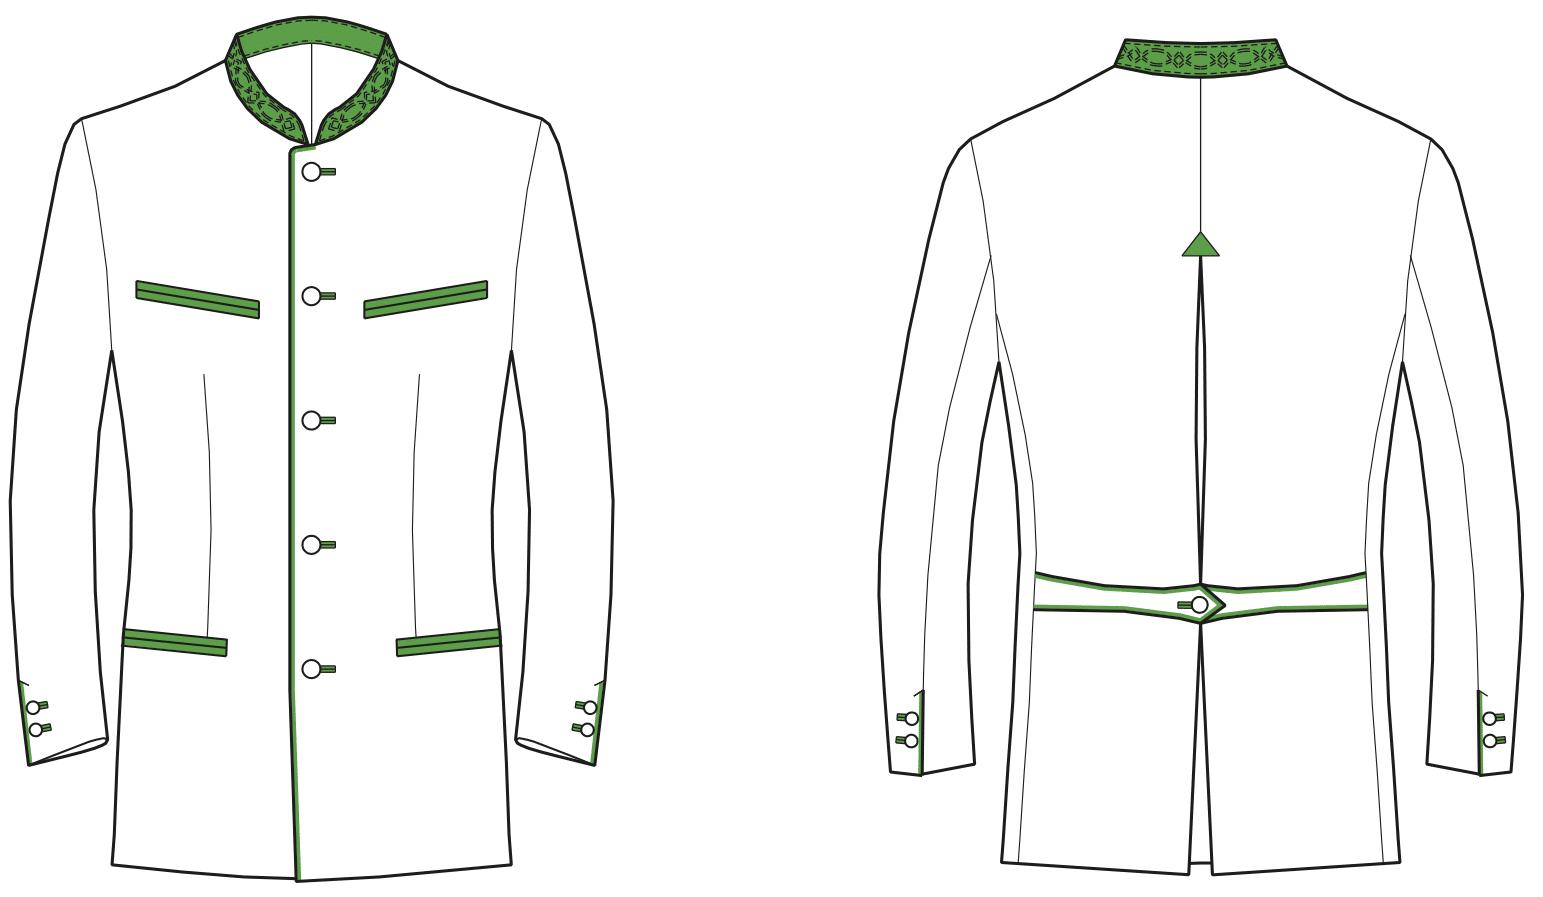 Gezeigt wird die Vorder- und Rückansicht der technischen Zeichnung einer Trachtenjacke.